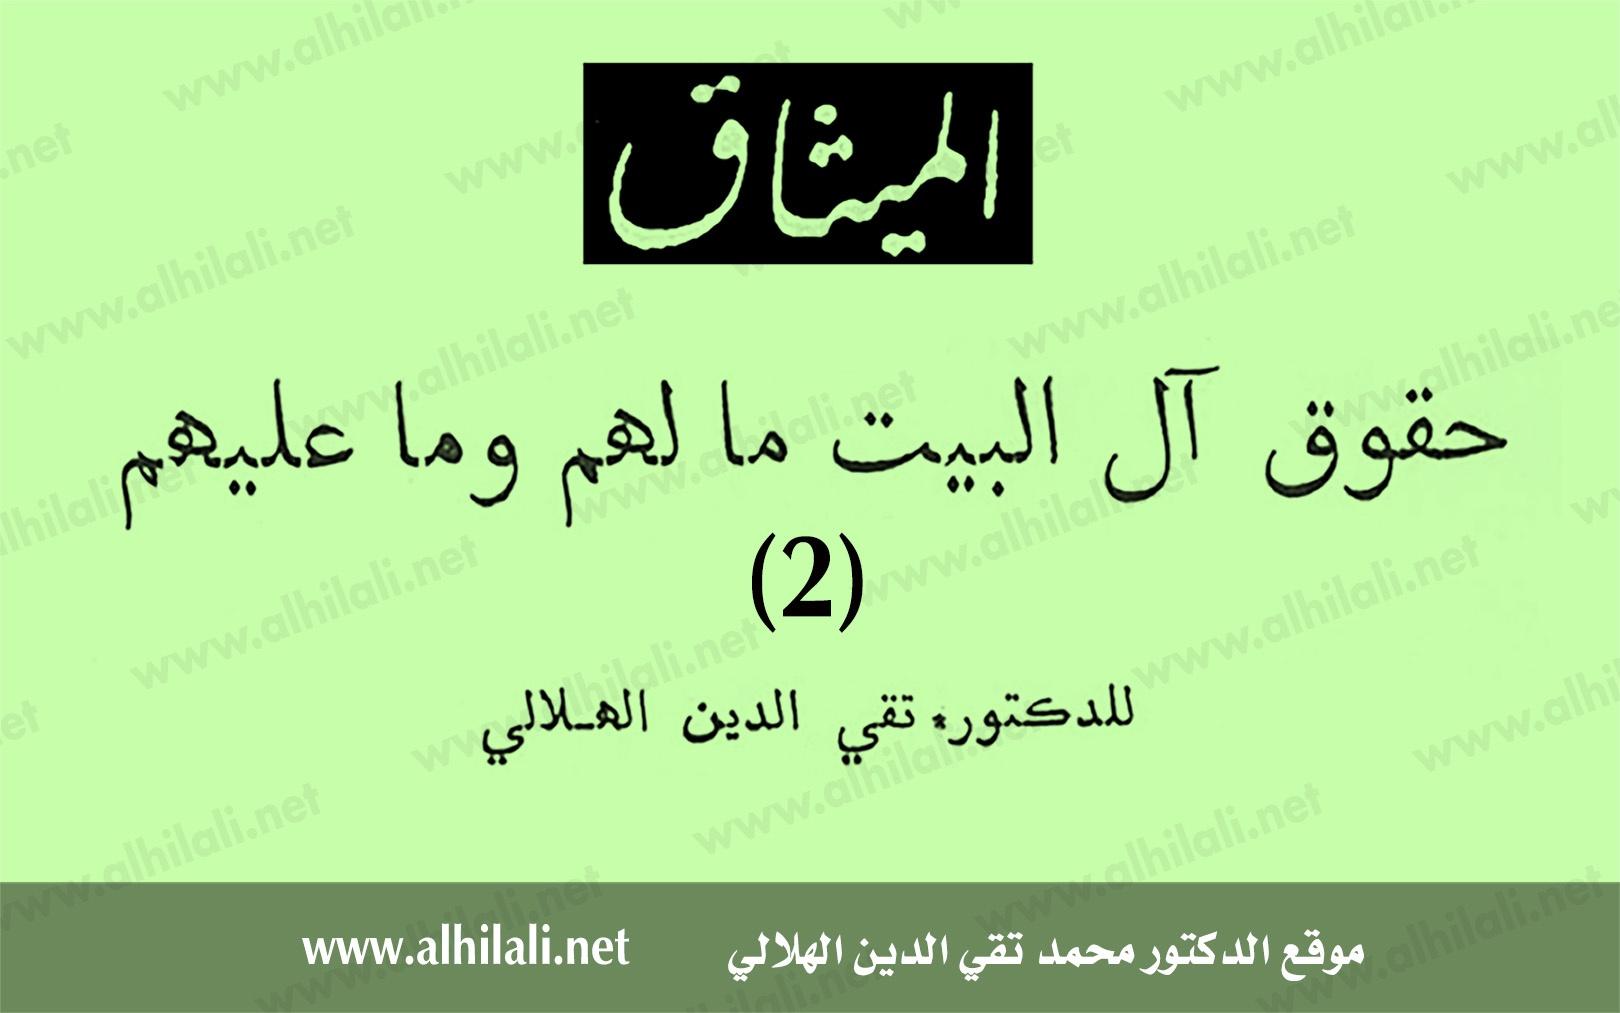 حقوق آل البيت 2 - الهلالي